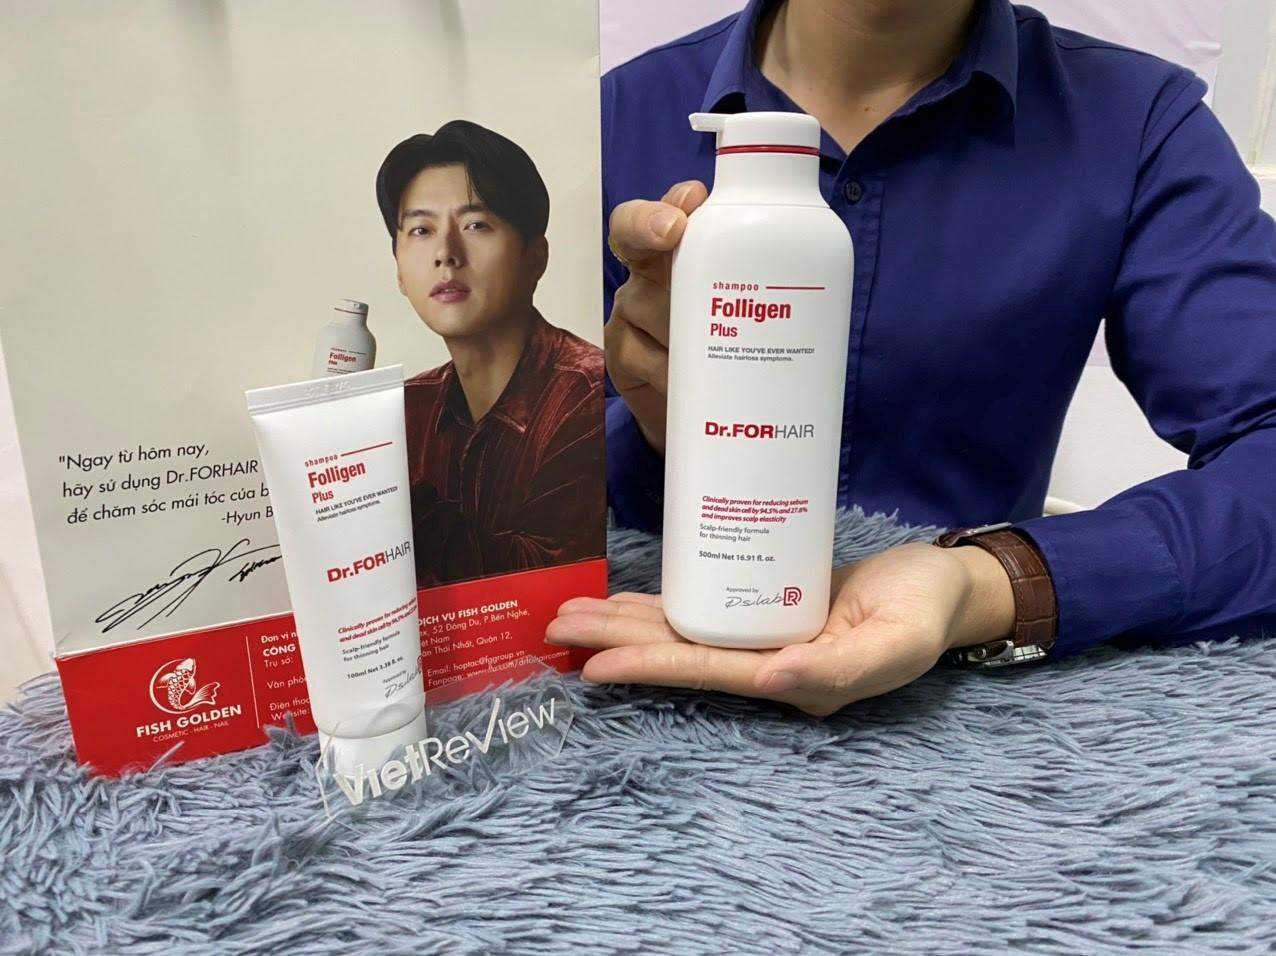 Dầu gội đầu Dr.FORHAIR có thực sự ngăn ngừa rụng tóc như quảng cáo? - 6